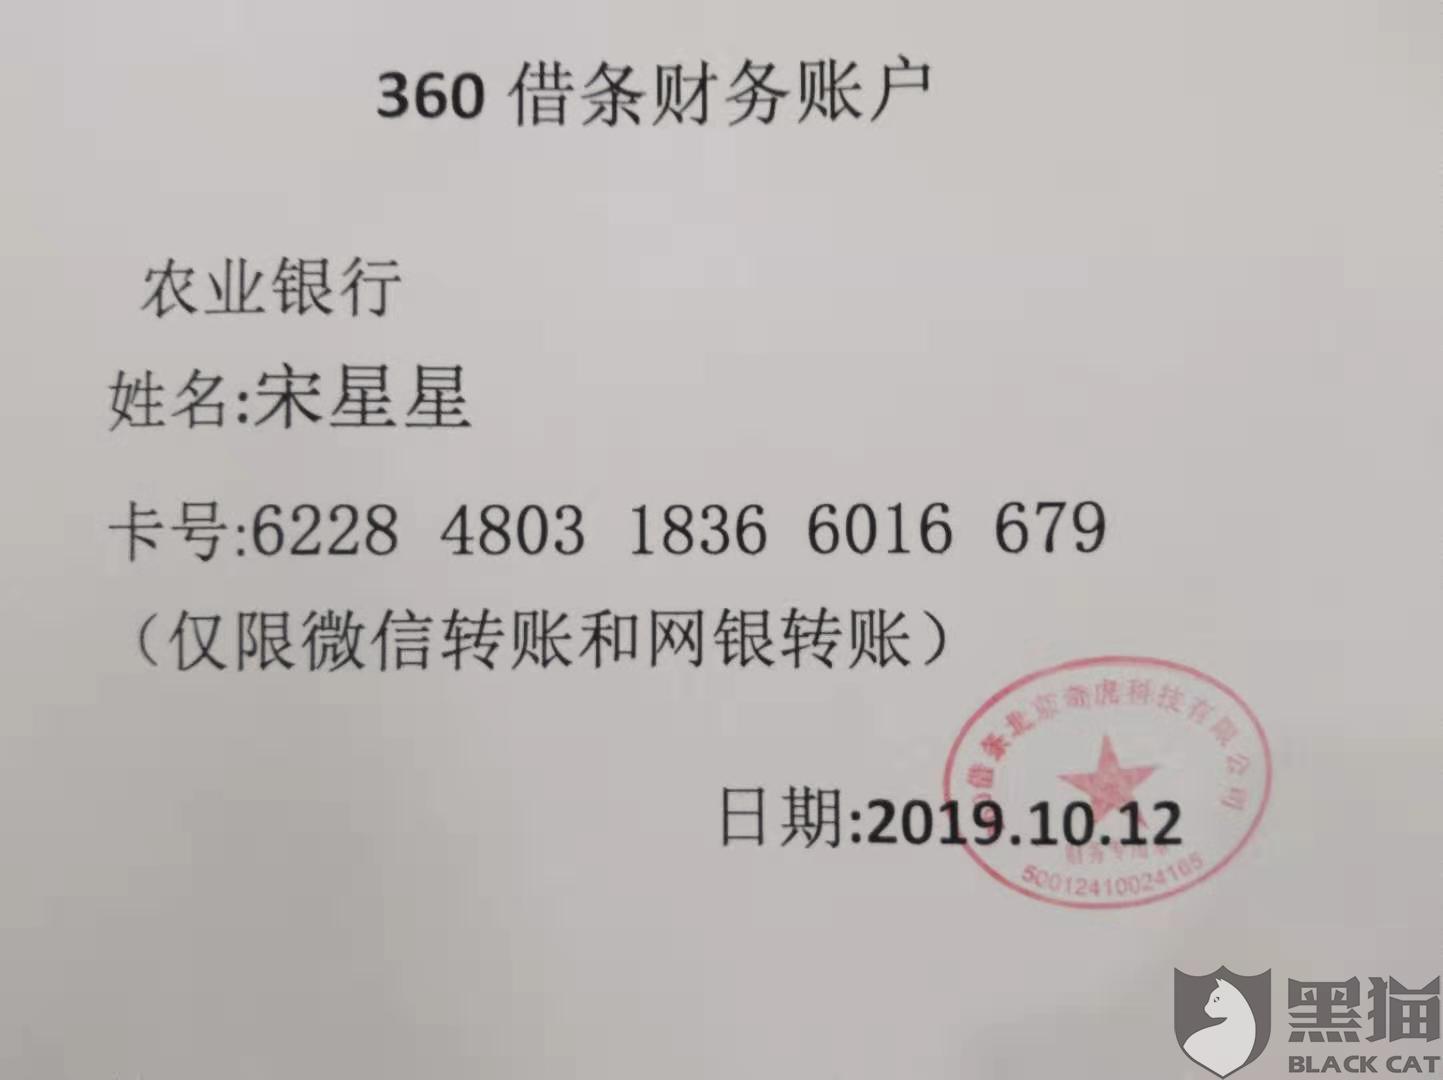 黑猫投诉:360借条北京奇虎科技有限公司网络贷套路贷交保证金,解冻金,保险费就是不放款。